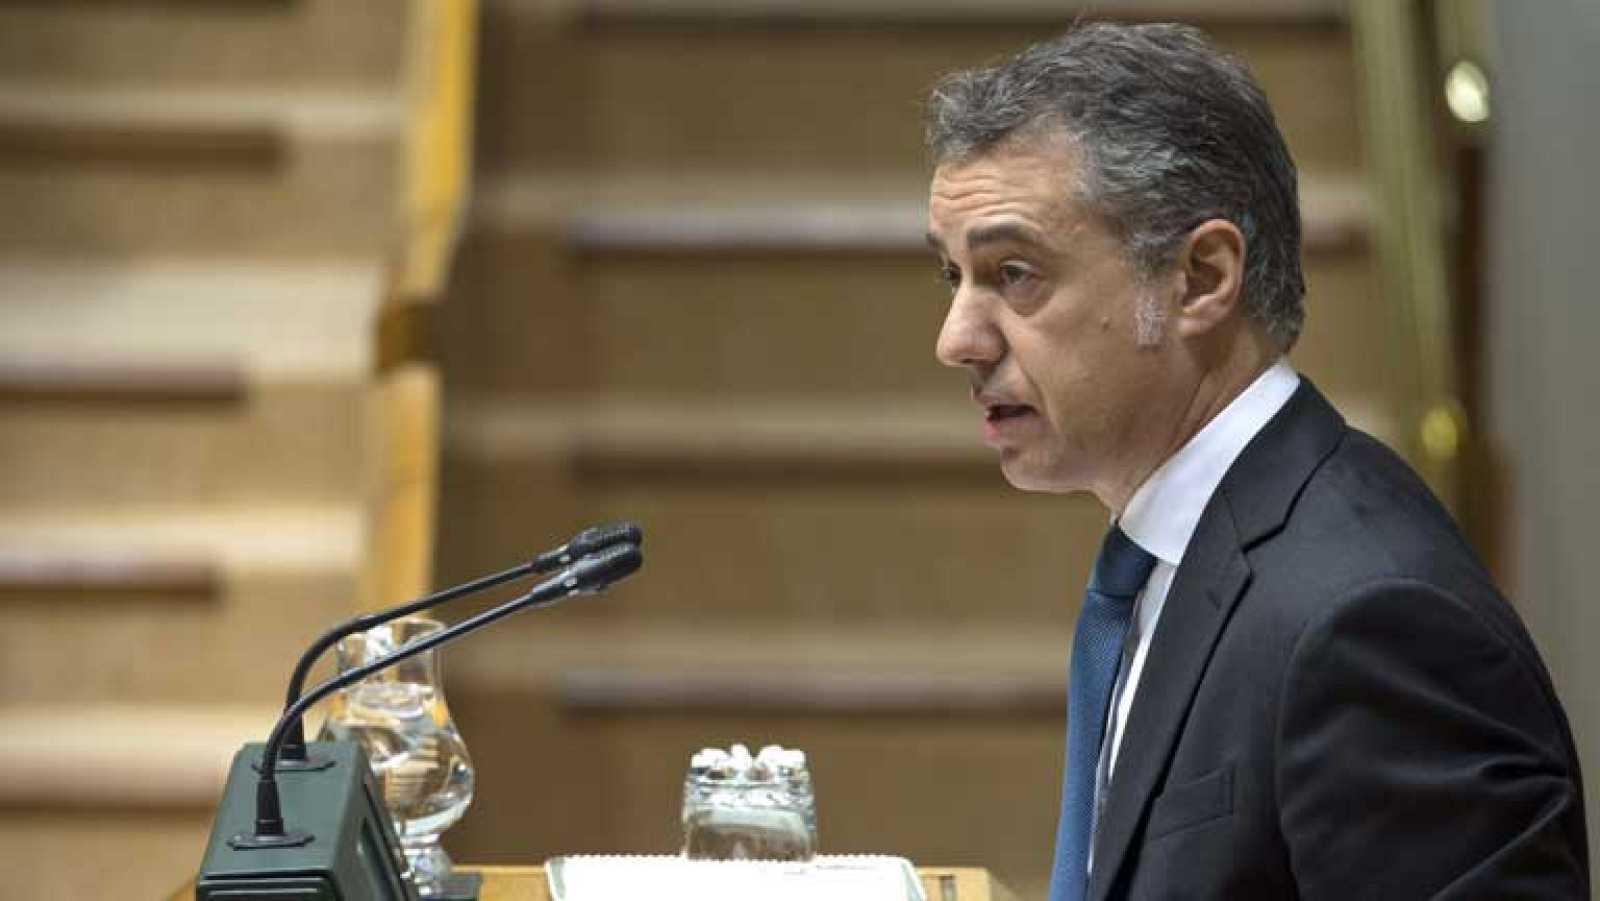 Fern ndez d az aclara al gobierno vasco sus declaraciones for Declaraciones del ministro del interior hoy